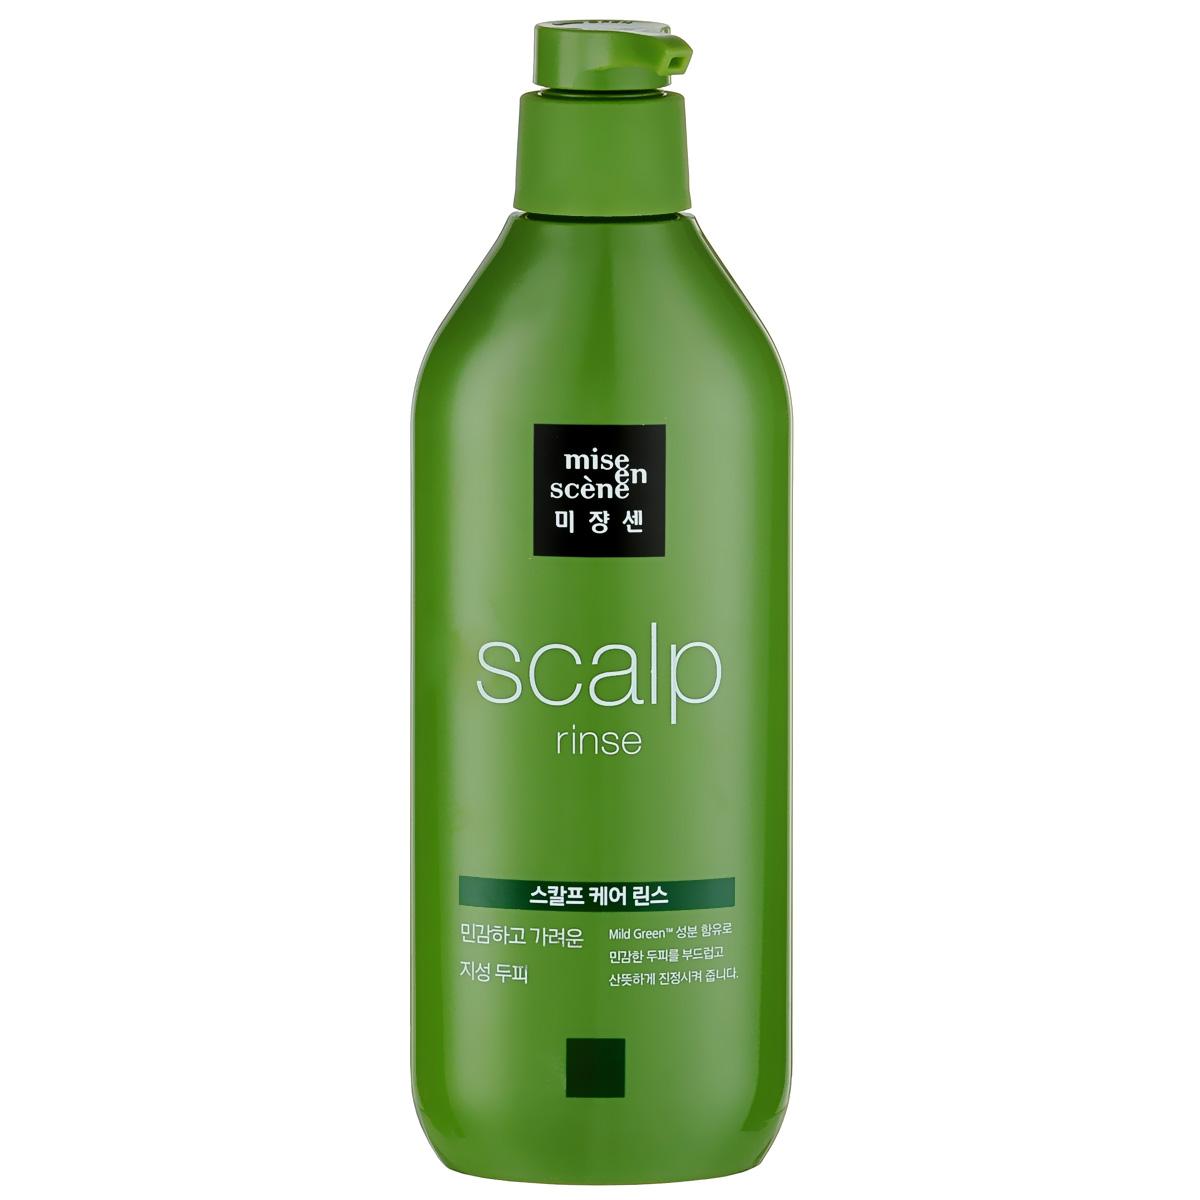 Mise en Scene Кондиционер для волос Style Green Scalp Care, 530 мл704510Анти-возрастной комплекс бросает вызов старению волос.Содержит концентрированный белок, который укрепляет поврежденные волосы. Сильный антиоксидантный эффект возвращает эластичность тонким, ослабленным волосам. Экстракт маточного пчелиного молочка питает волосы и усиливает их блеск. Кувшинка белая выводит токсины, скопившиеся в коже головы. Имбирь устраняет причины зуда и раздражения. Экстракт бамбука увлажняет волосы.